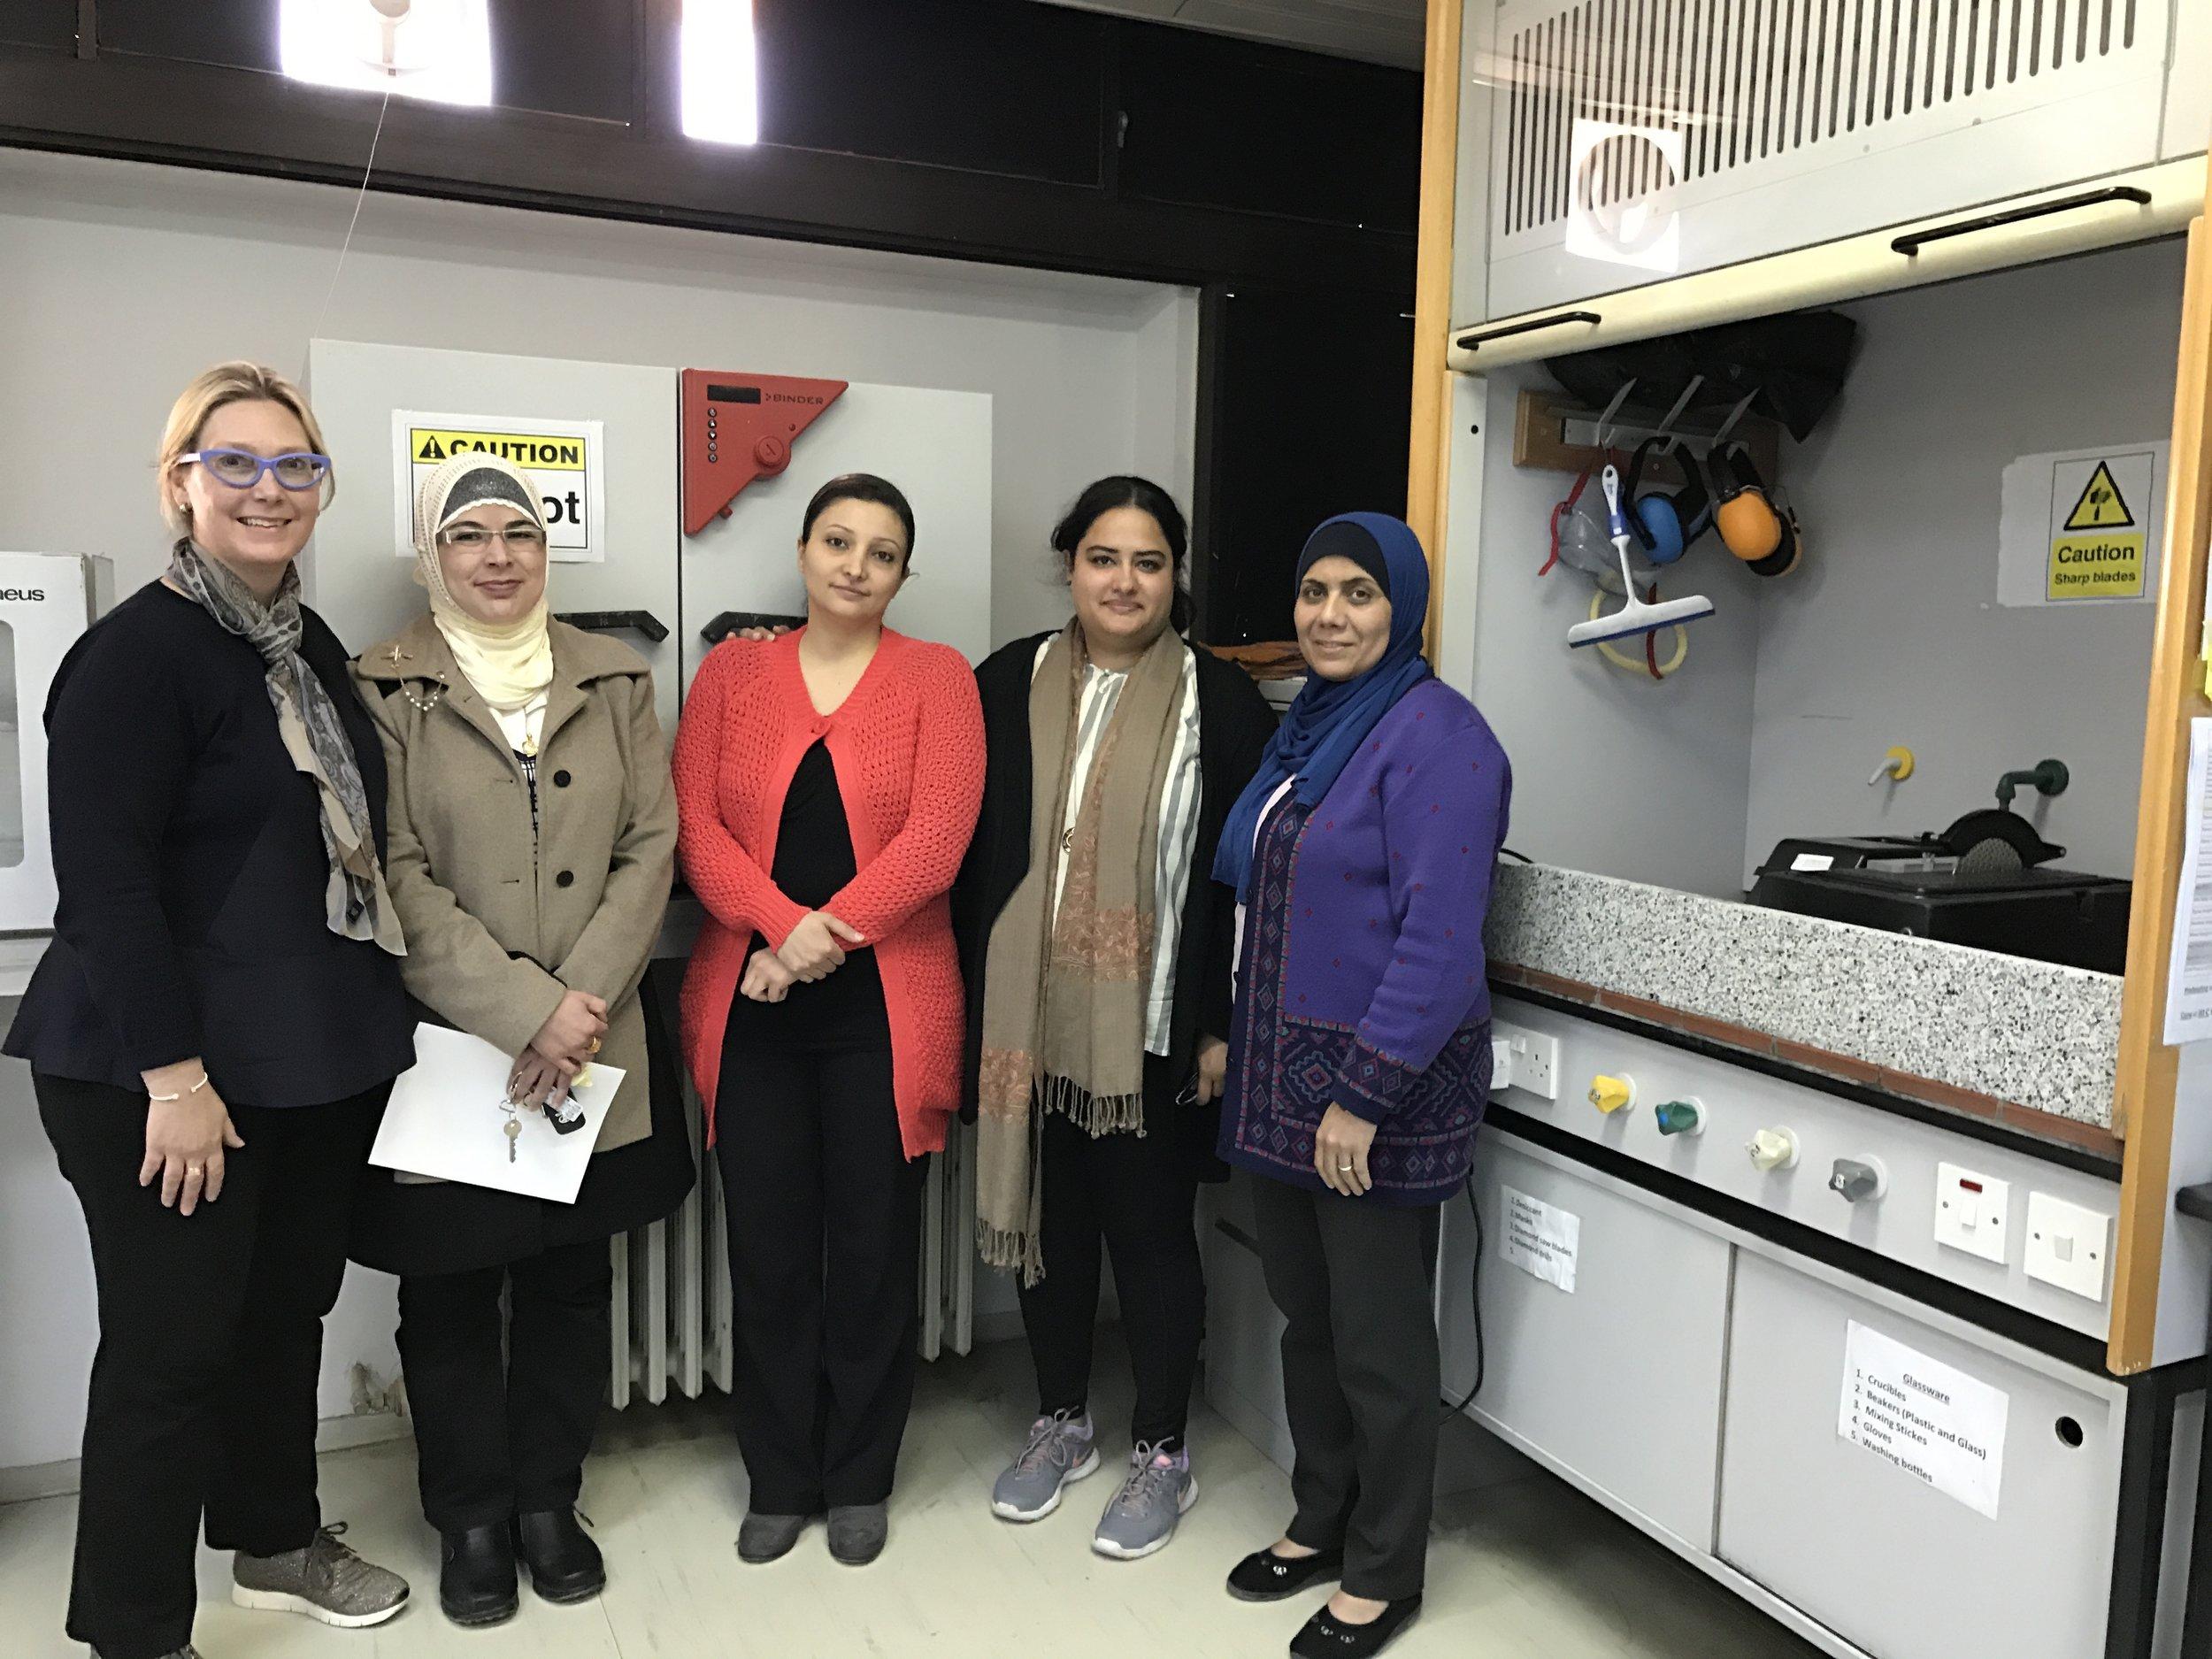 We met a woman faculty member in her lab, who is the only PhD in Aeronautical engineering in Jordan.